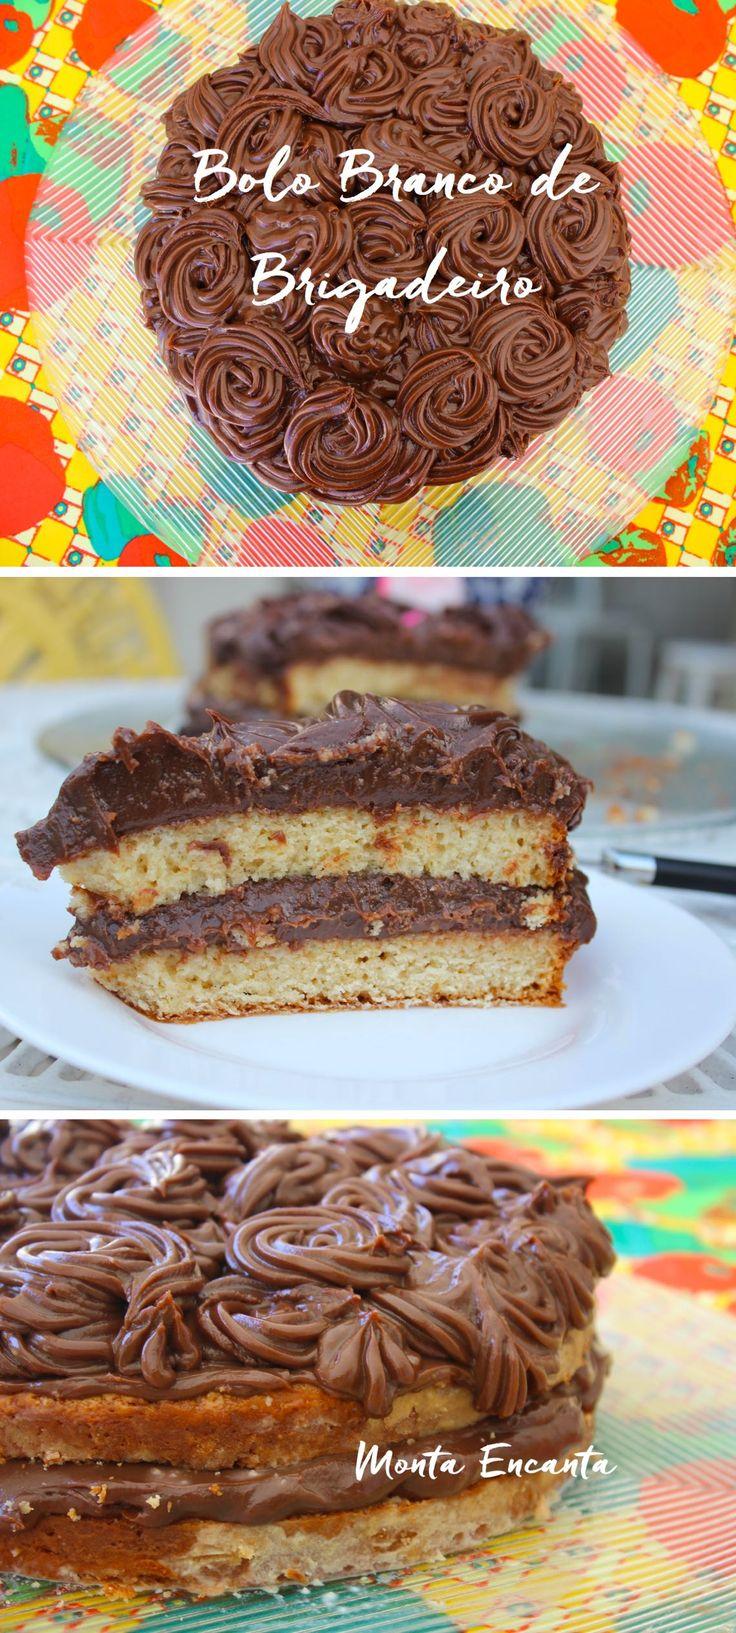 Bolo de Brigadeiro - Acabaram todas as desculpas para você não ir para cozinha preparar o próximo bolo do parabéns! Este Bolo Branco de Brigadeiro de Chocolate, tem massa amanteigada bem macia é super …